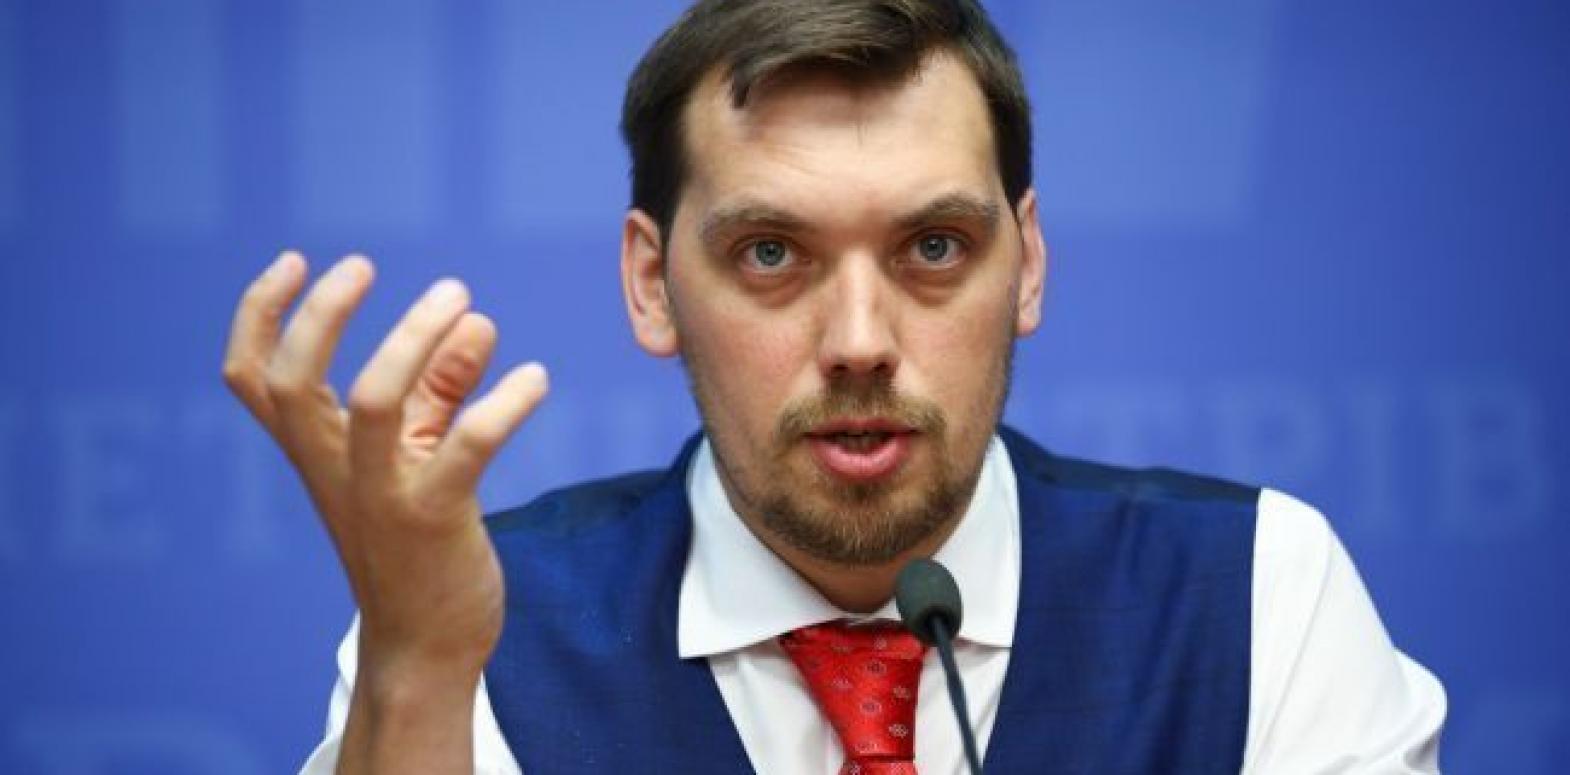 ЕС выделит Украине 26 млн евро на развитие фермерства